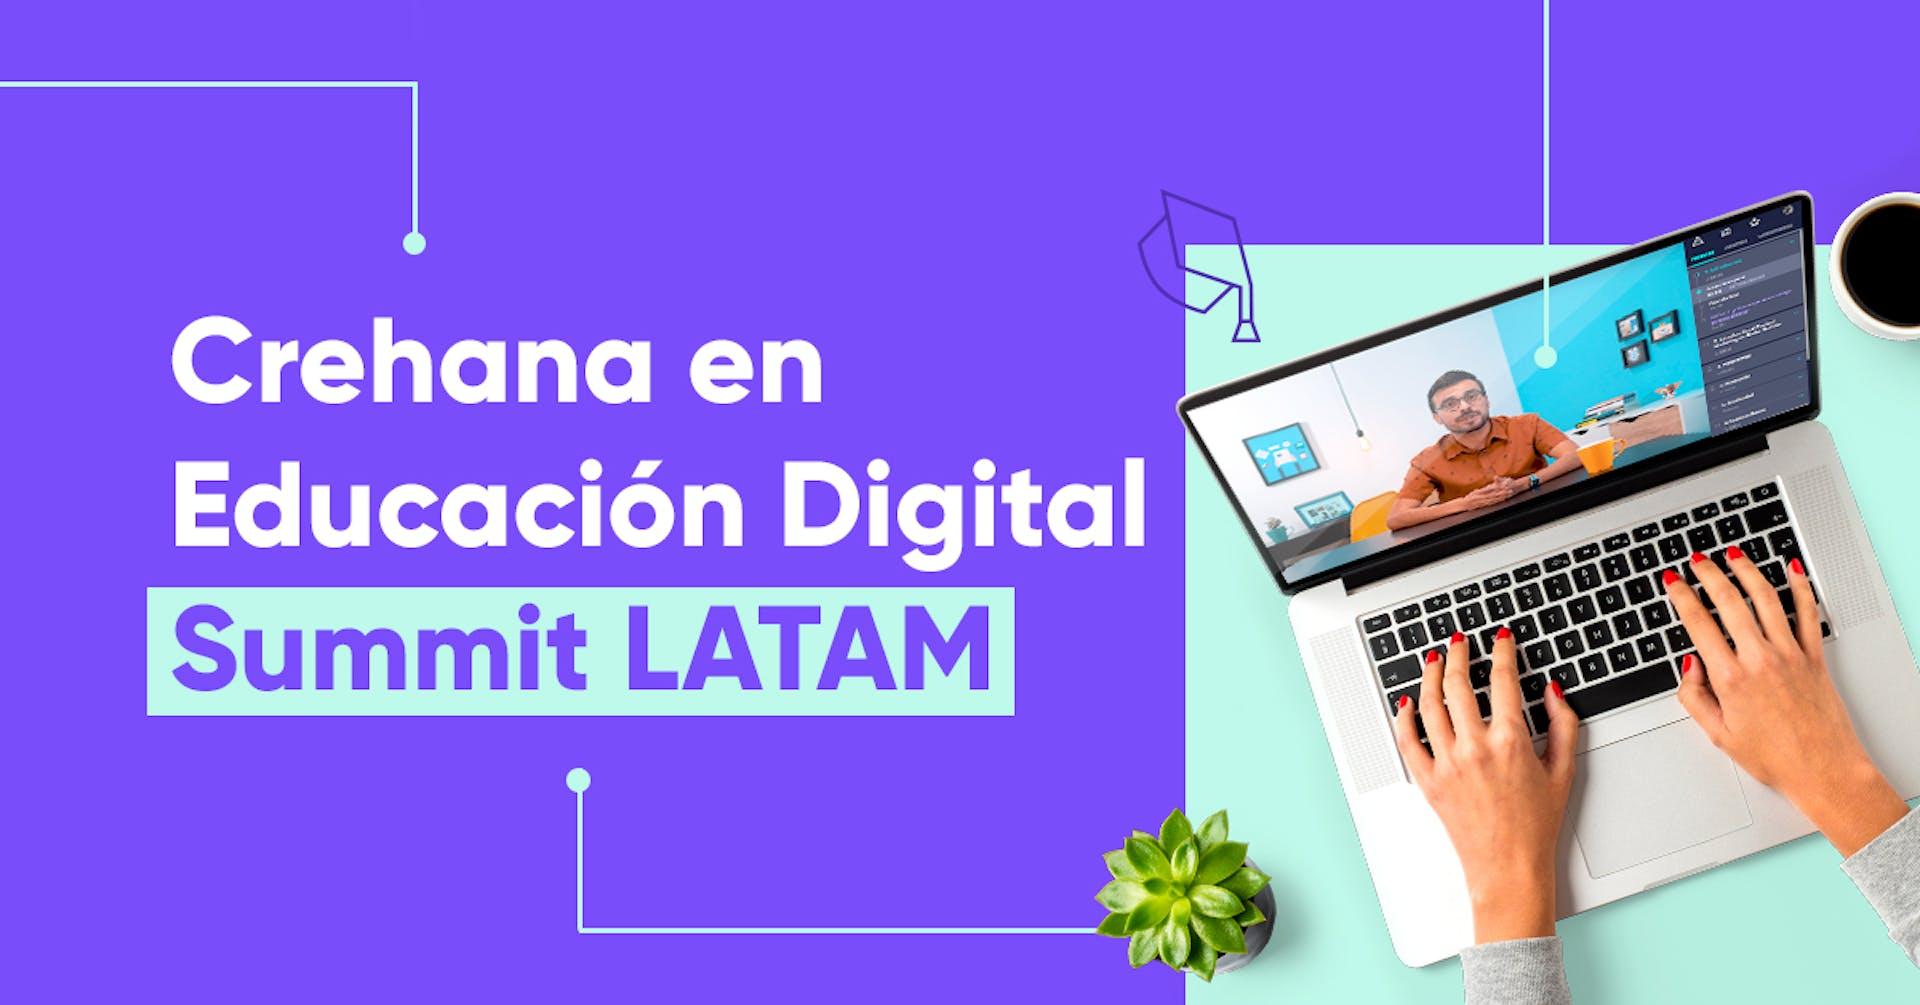 ¡Crehana se une a Educación Digital Summit Latam!